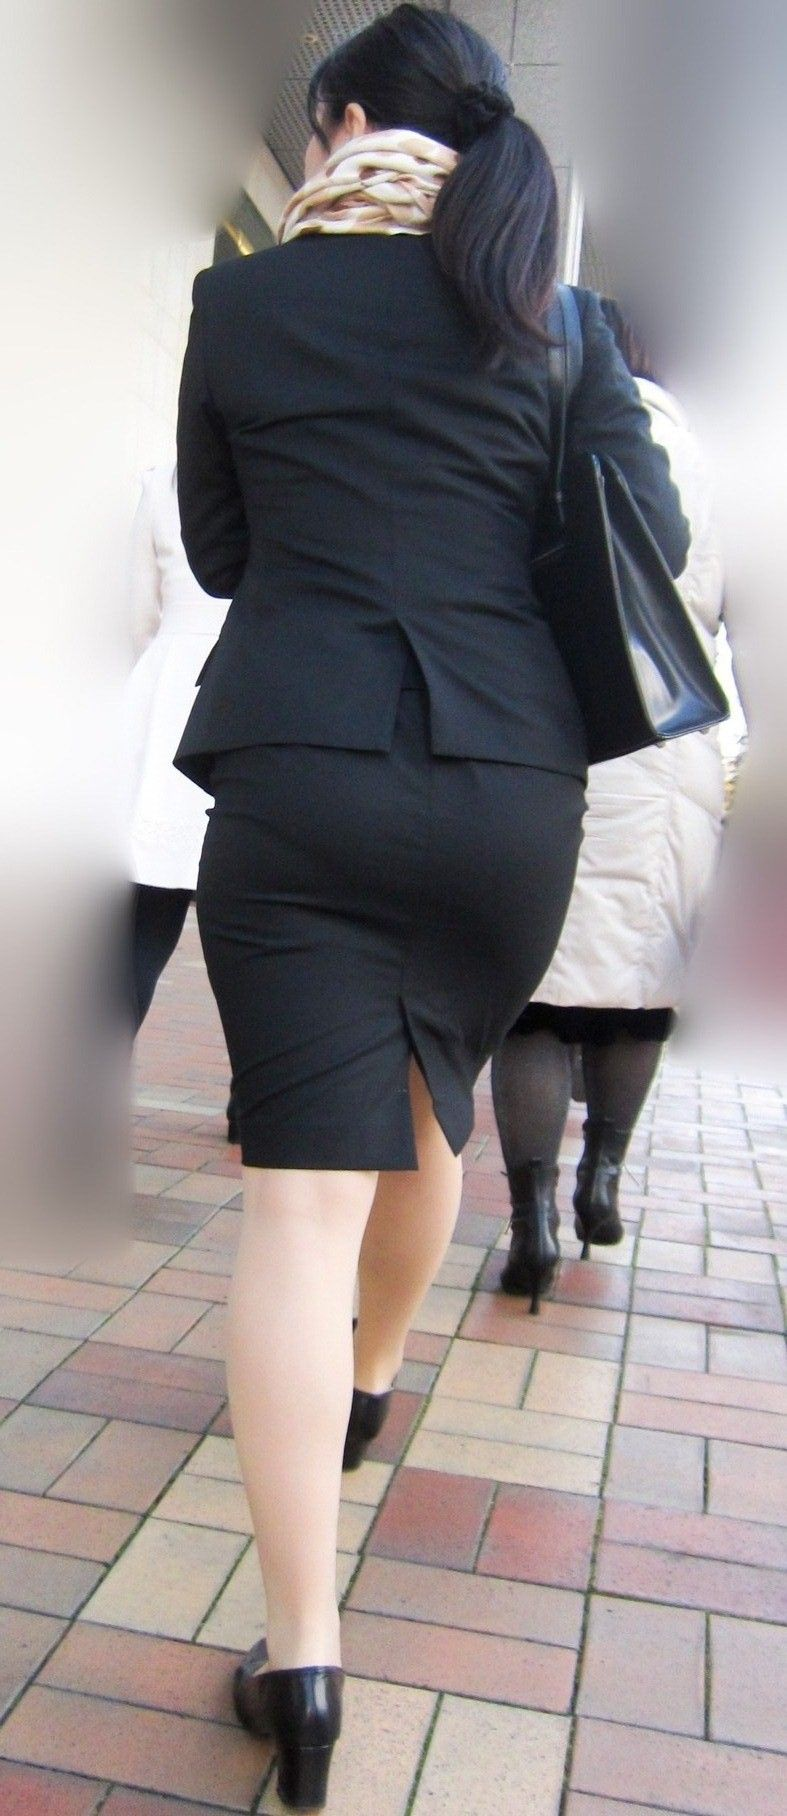 リクルートスーツのお姉さんの街撮り画像だぁーwwwお尻プリプリで最高だぜぇーwww Fg5g3QxHQG2iocTv